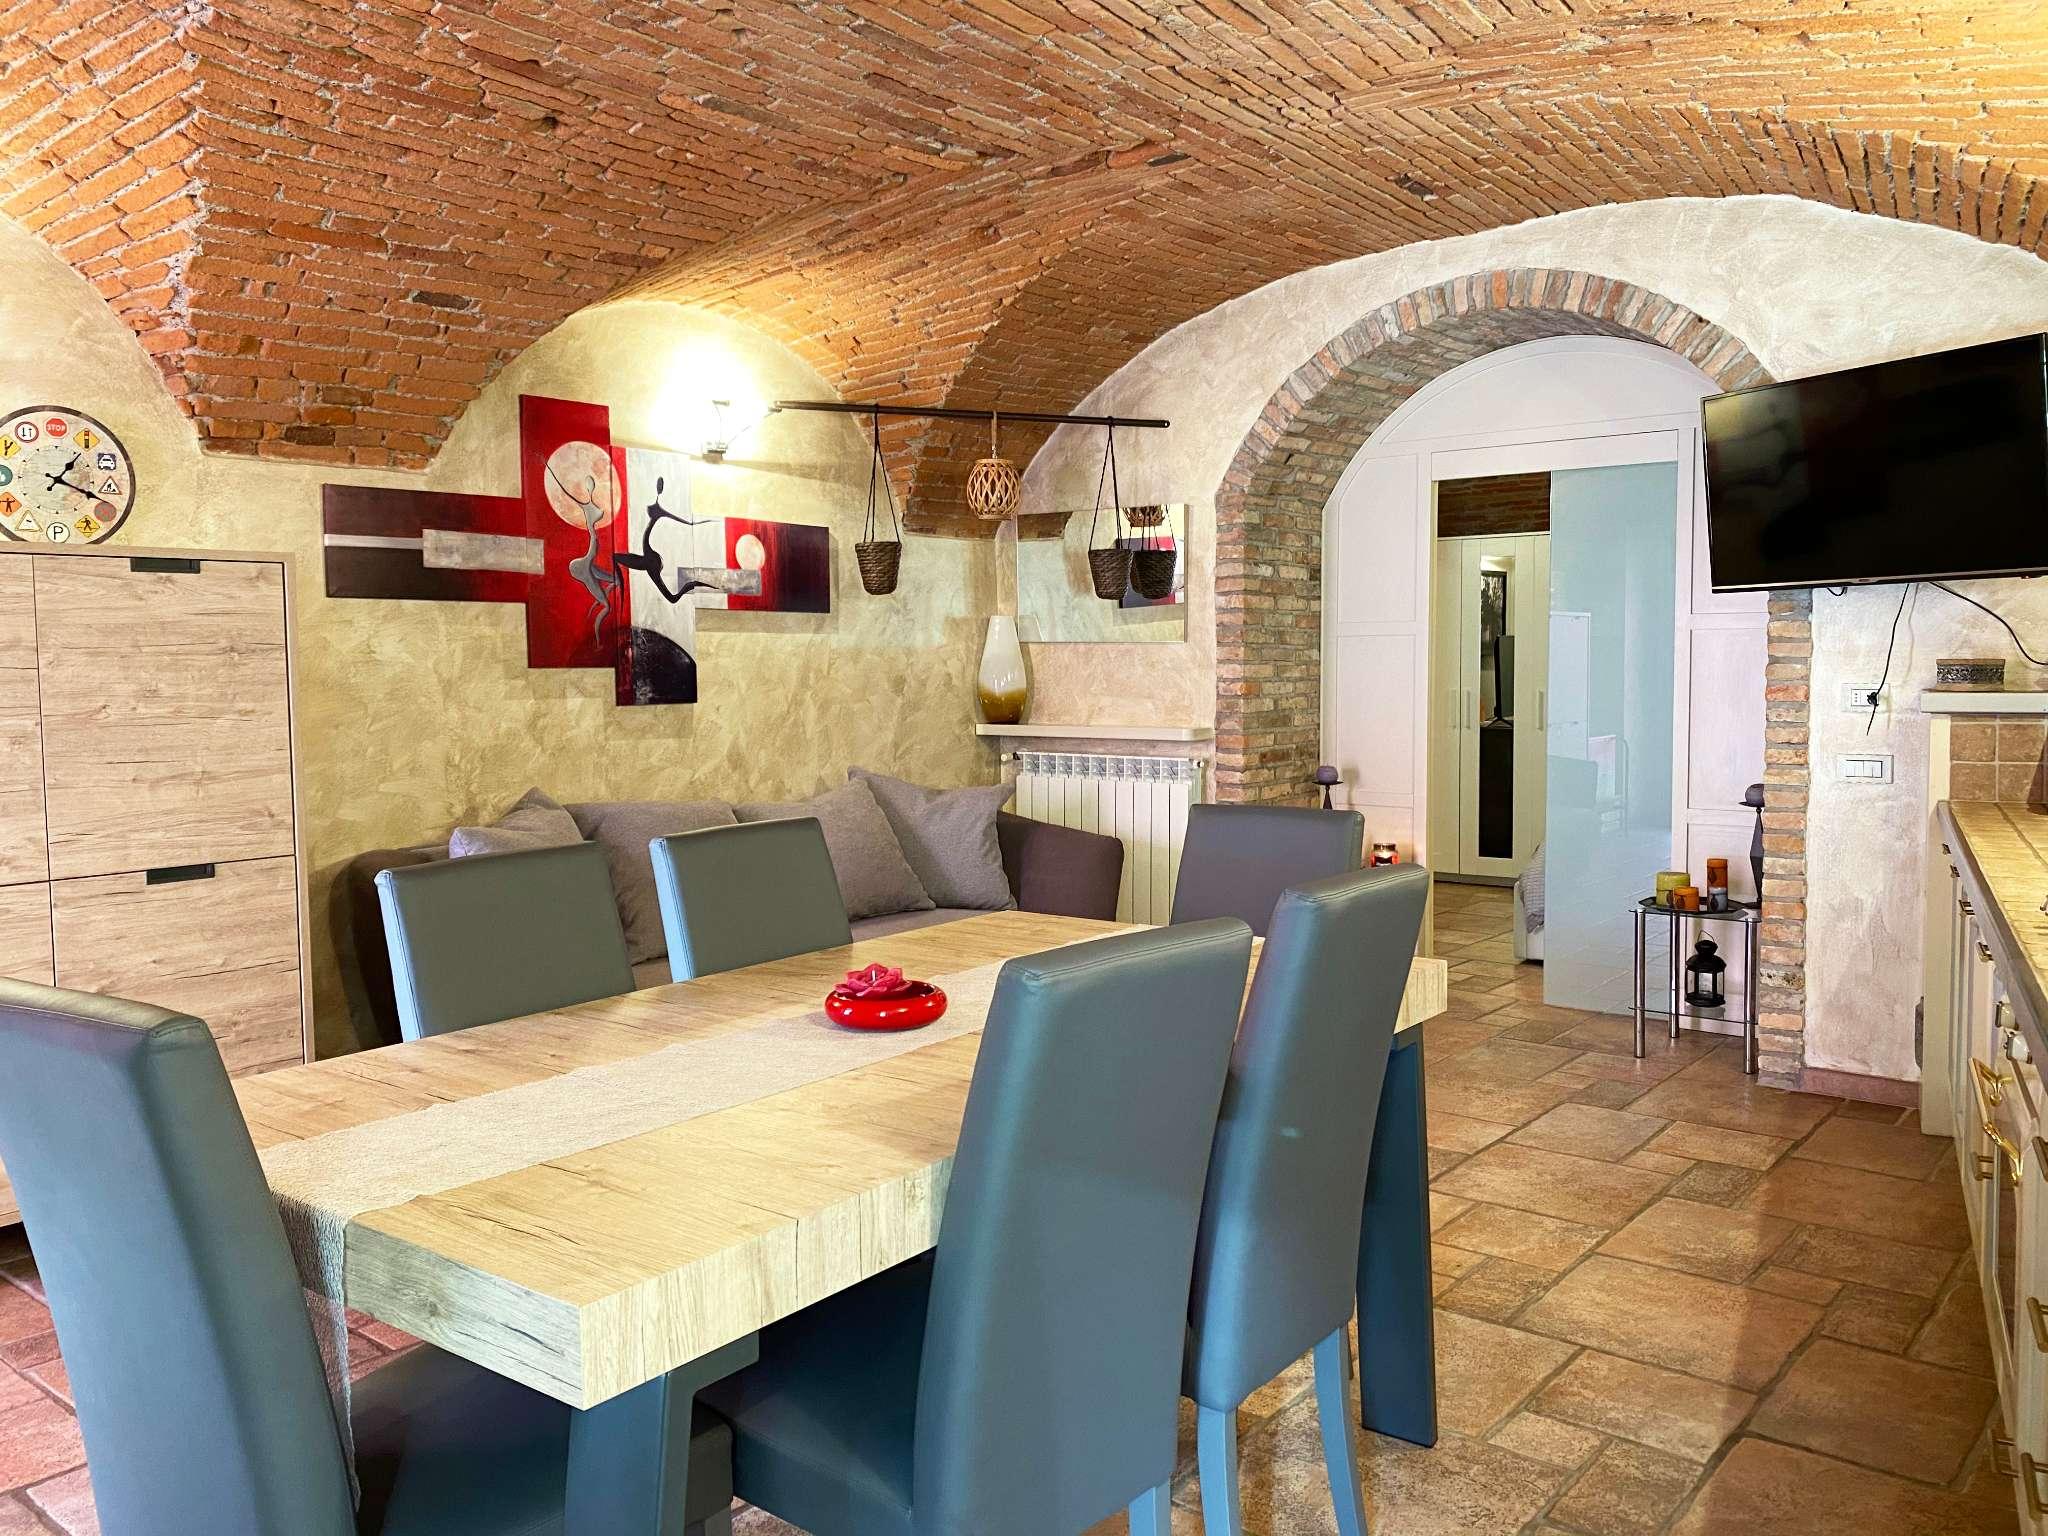 Appartamento in vendita a Grassobbio, 2 locali, prezzo € 119.000 | PortaleAgenzieImmobiliari.it